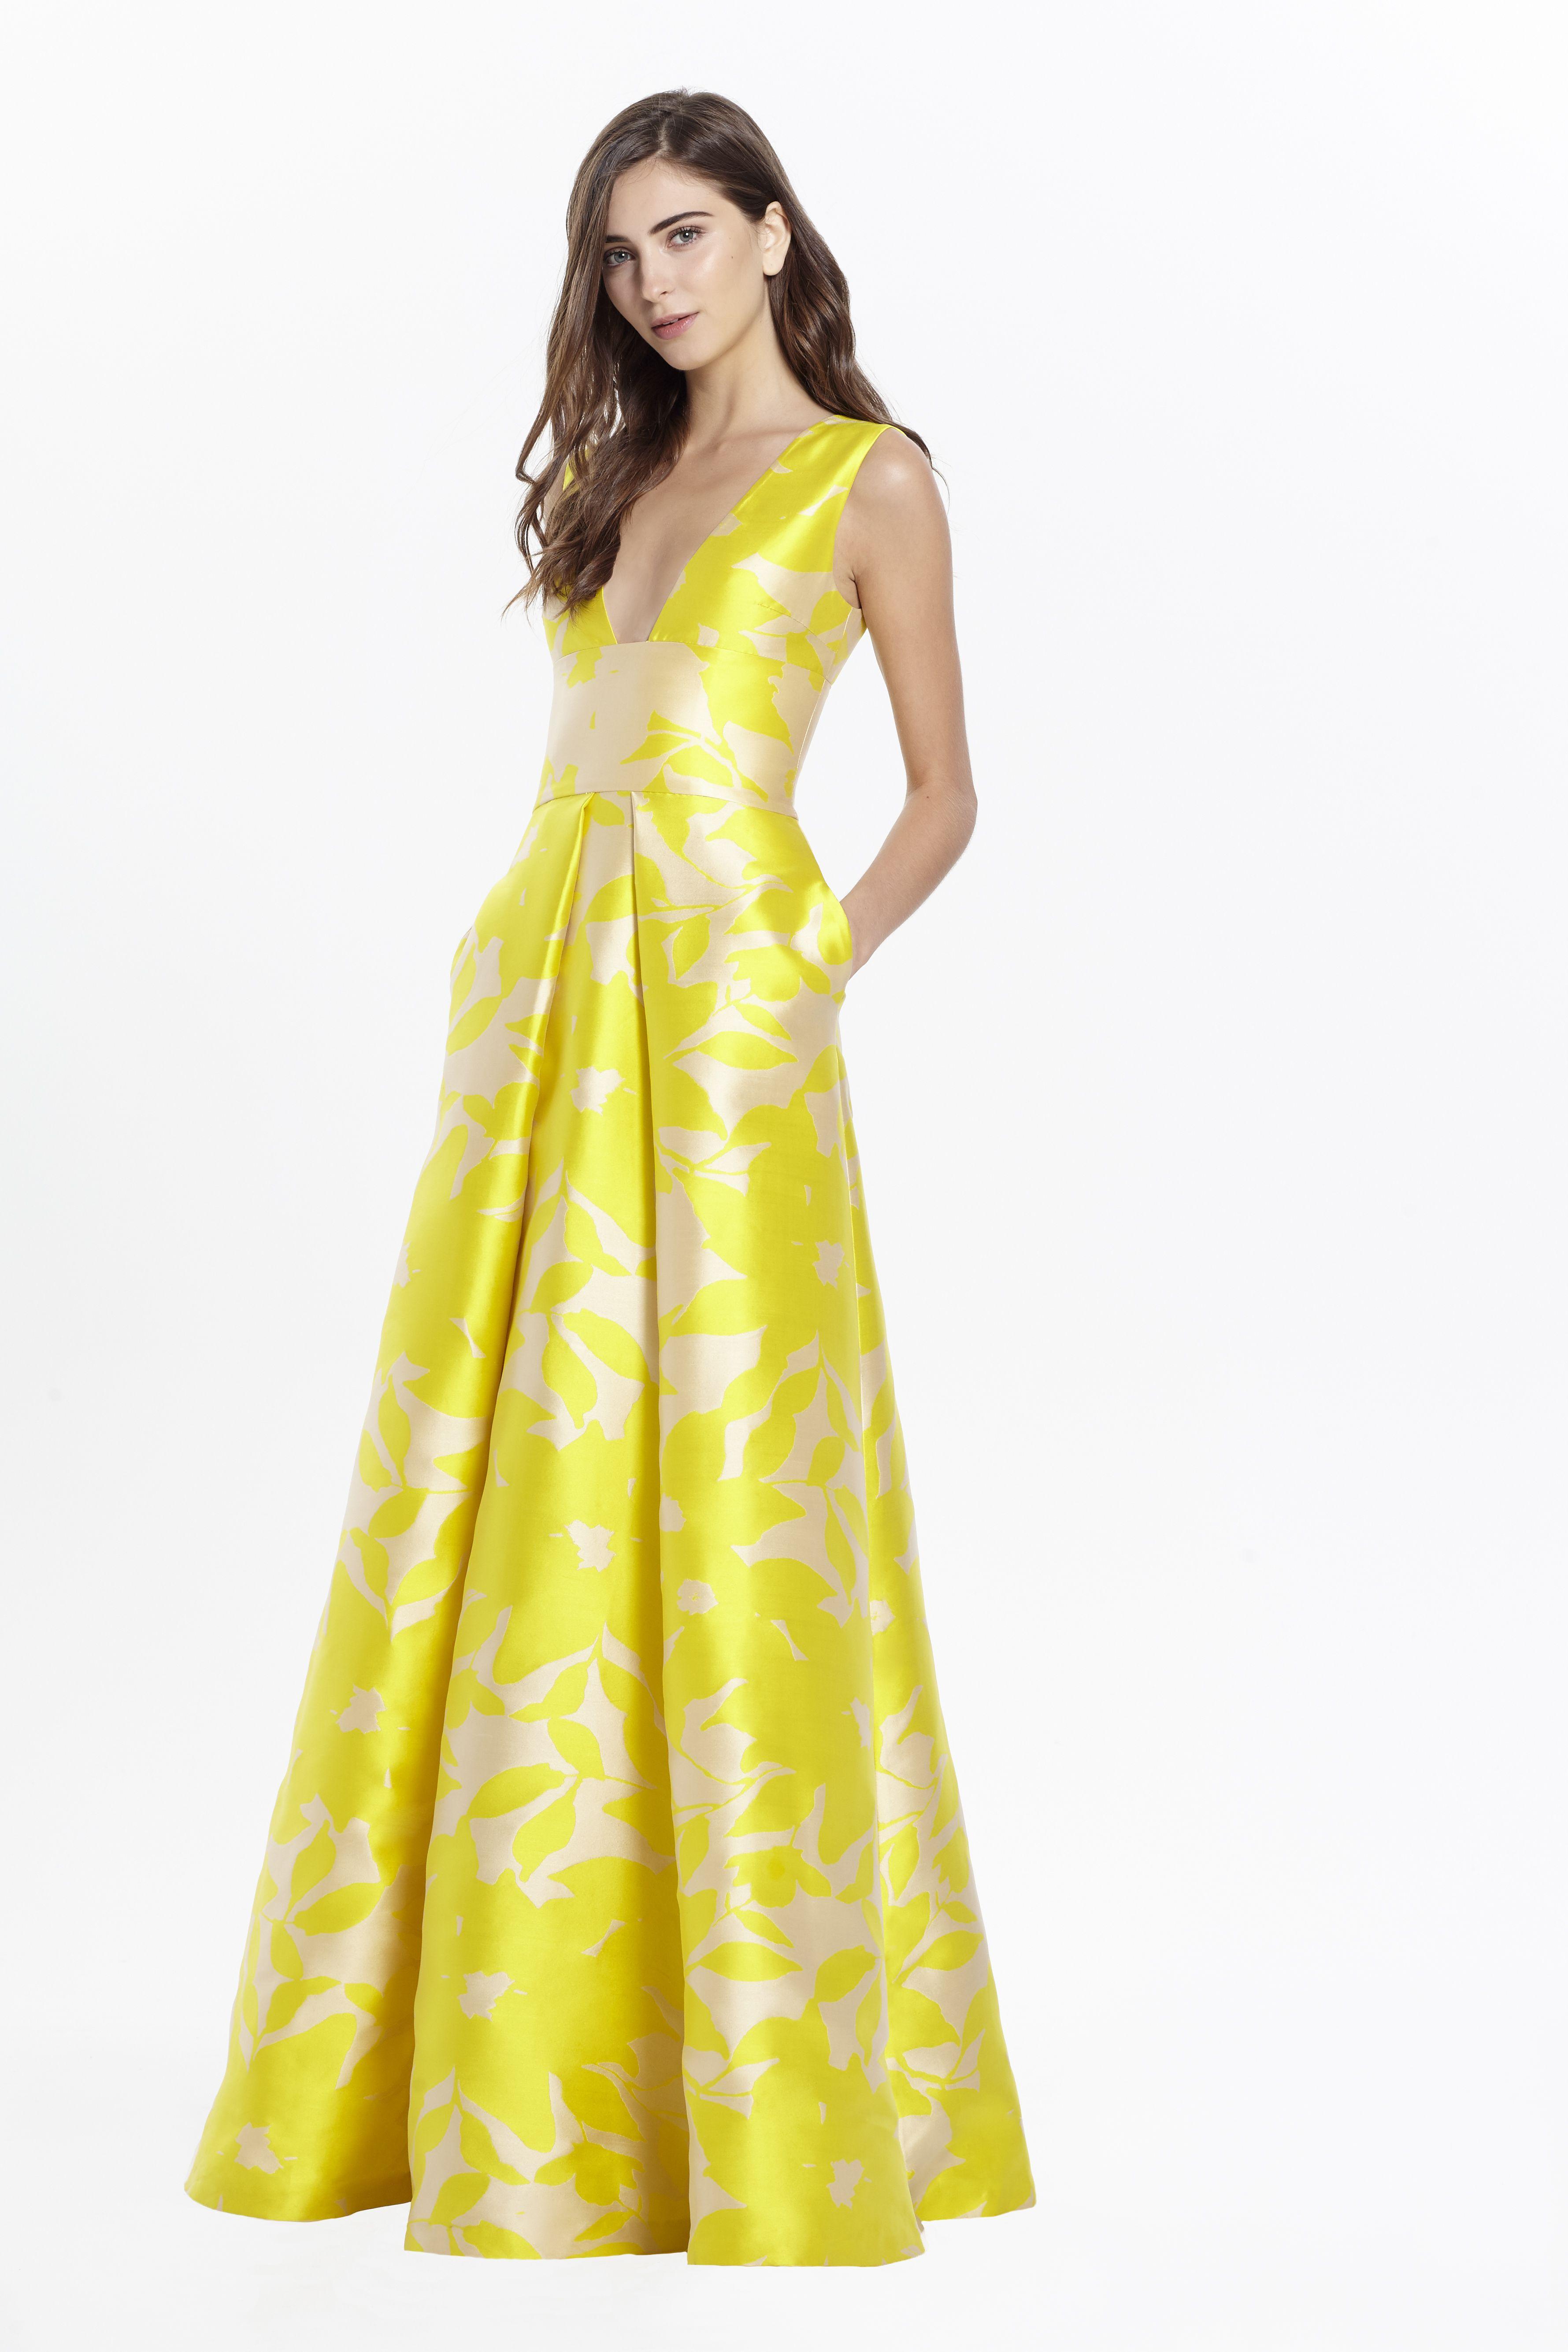 Monique Lhuillier | Gowns | Pinterest | Monique lhuillier, Spring ...